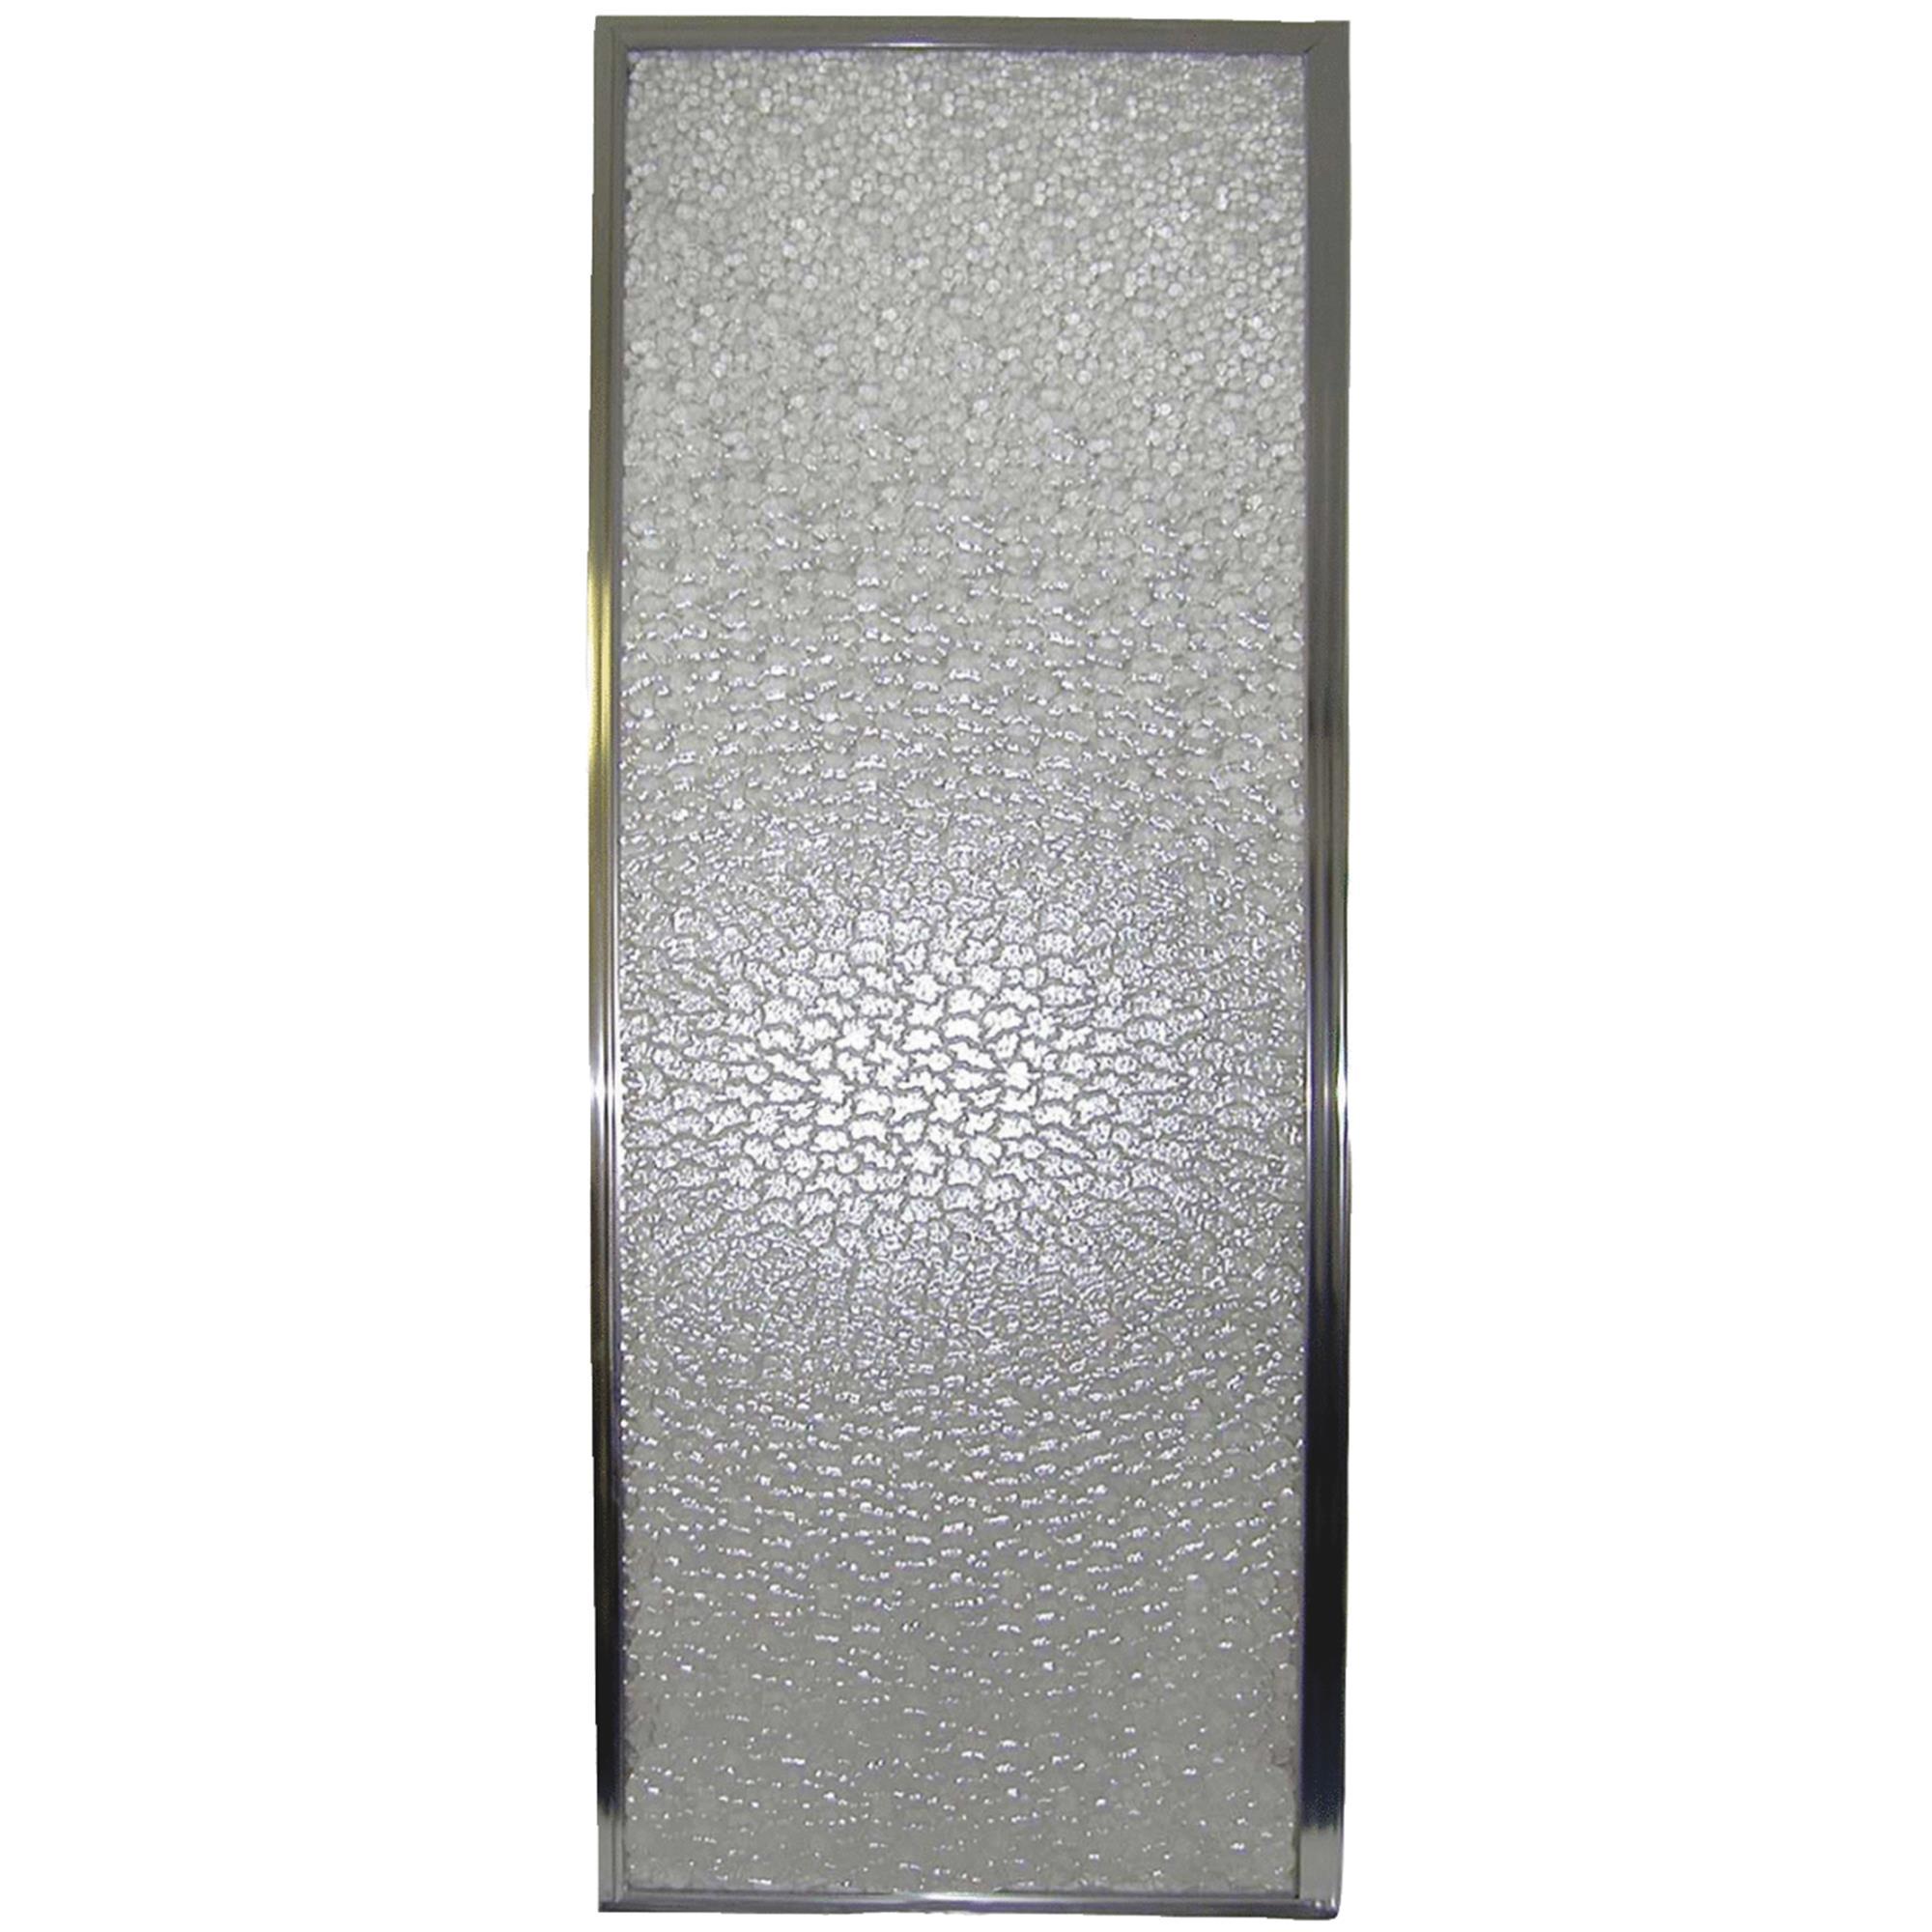 Mustee Durastall Glass Shower Door